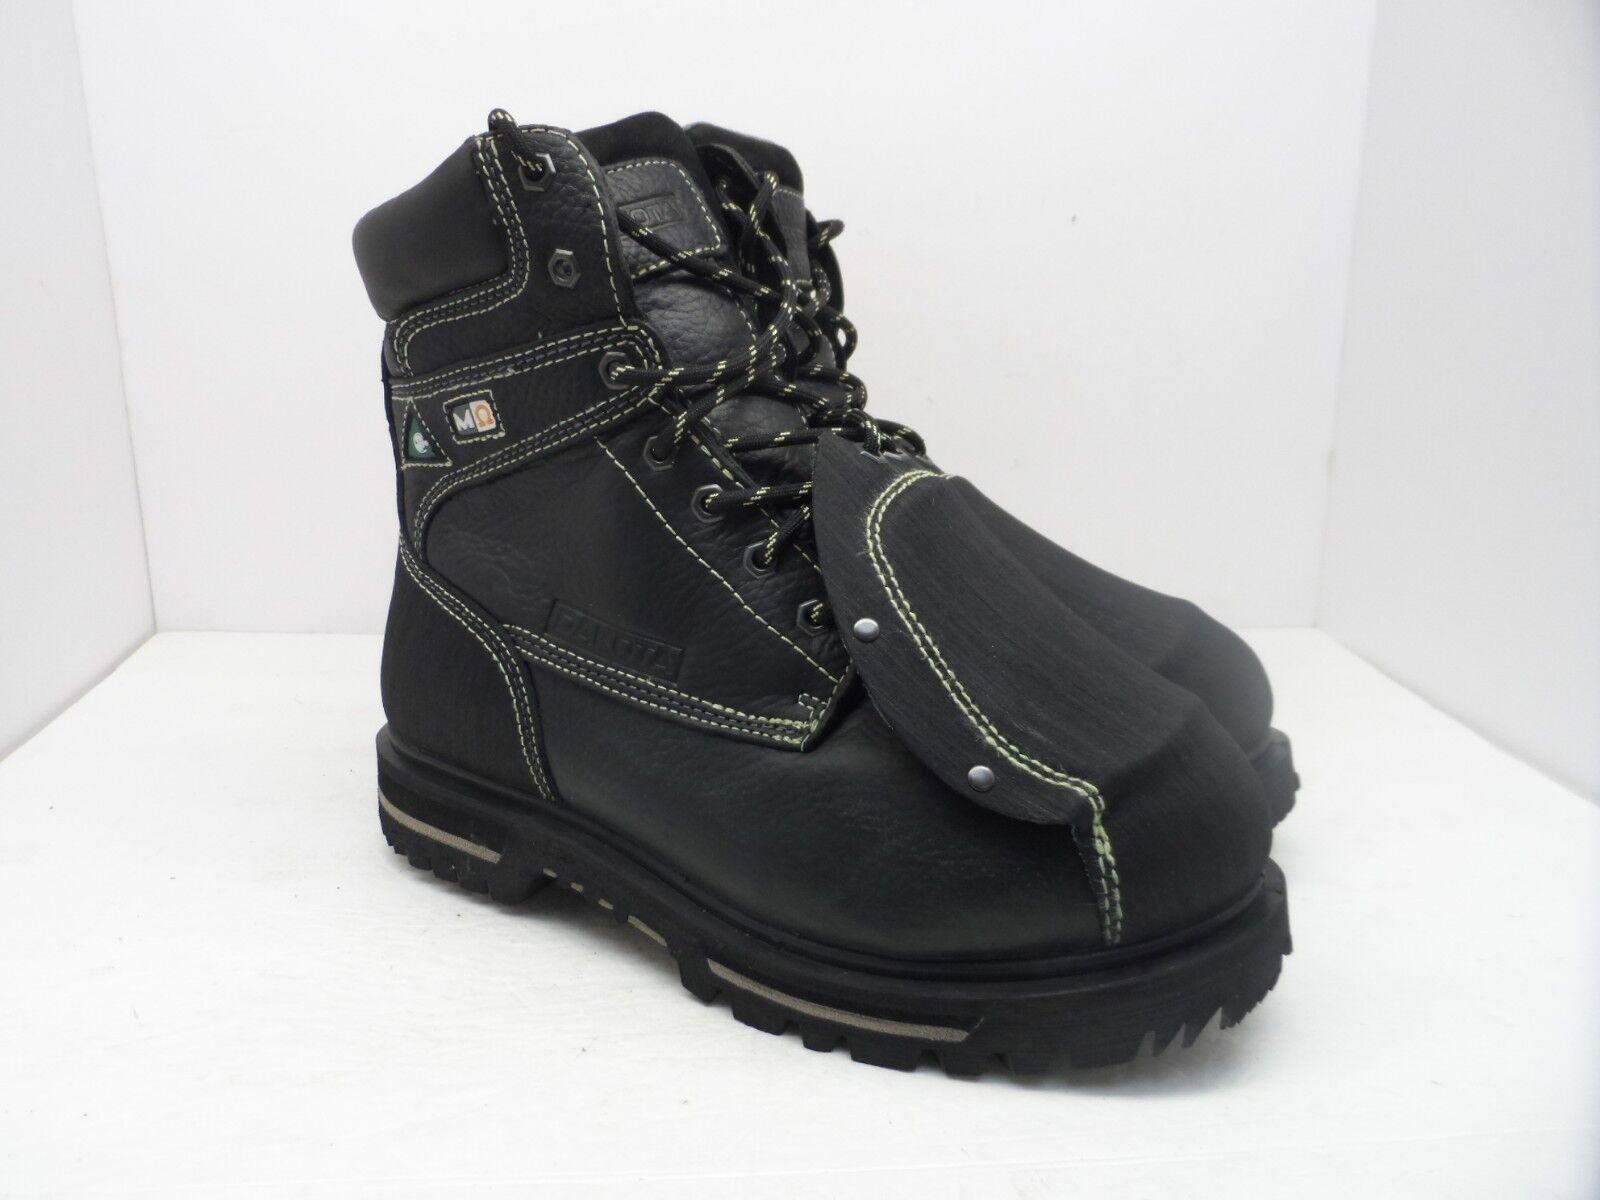 DAKOTA Men's 514 8  Steel Toe Steel Plate Metguard Work Boots Black Size 10.5M